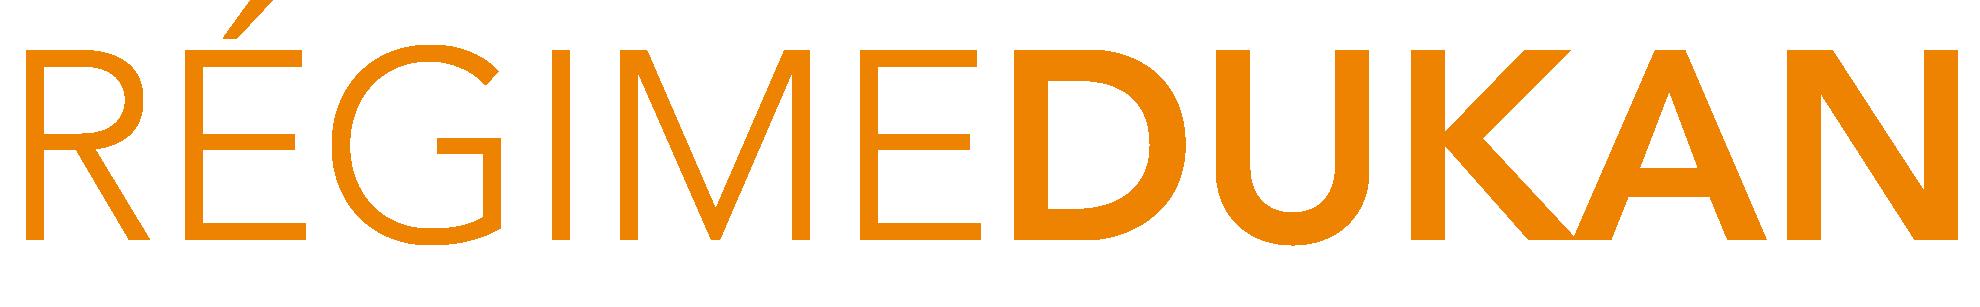 RegimeDukan.com - Le premier site de coaching minceur personnalisé